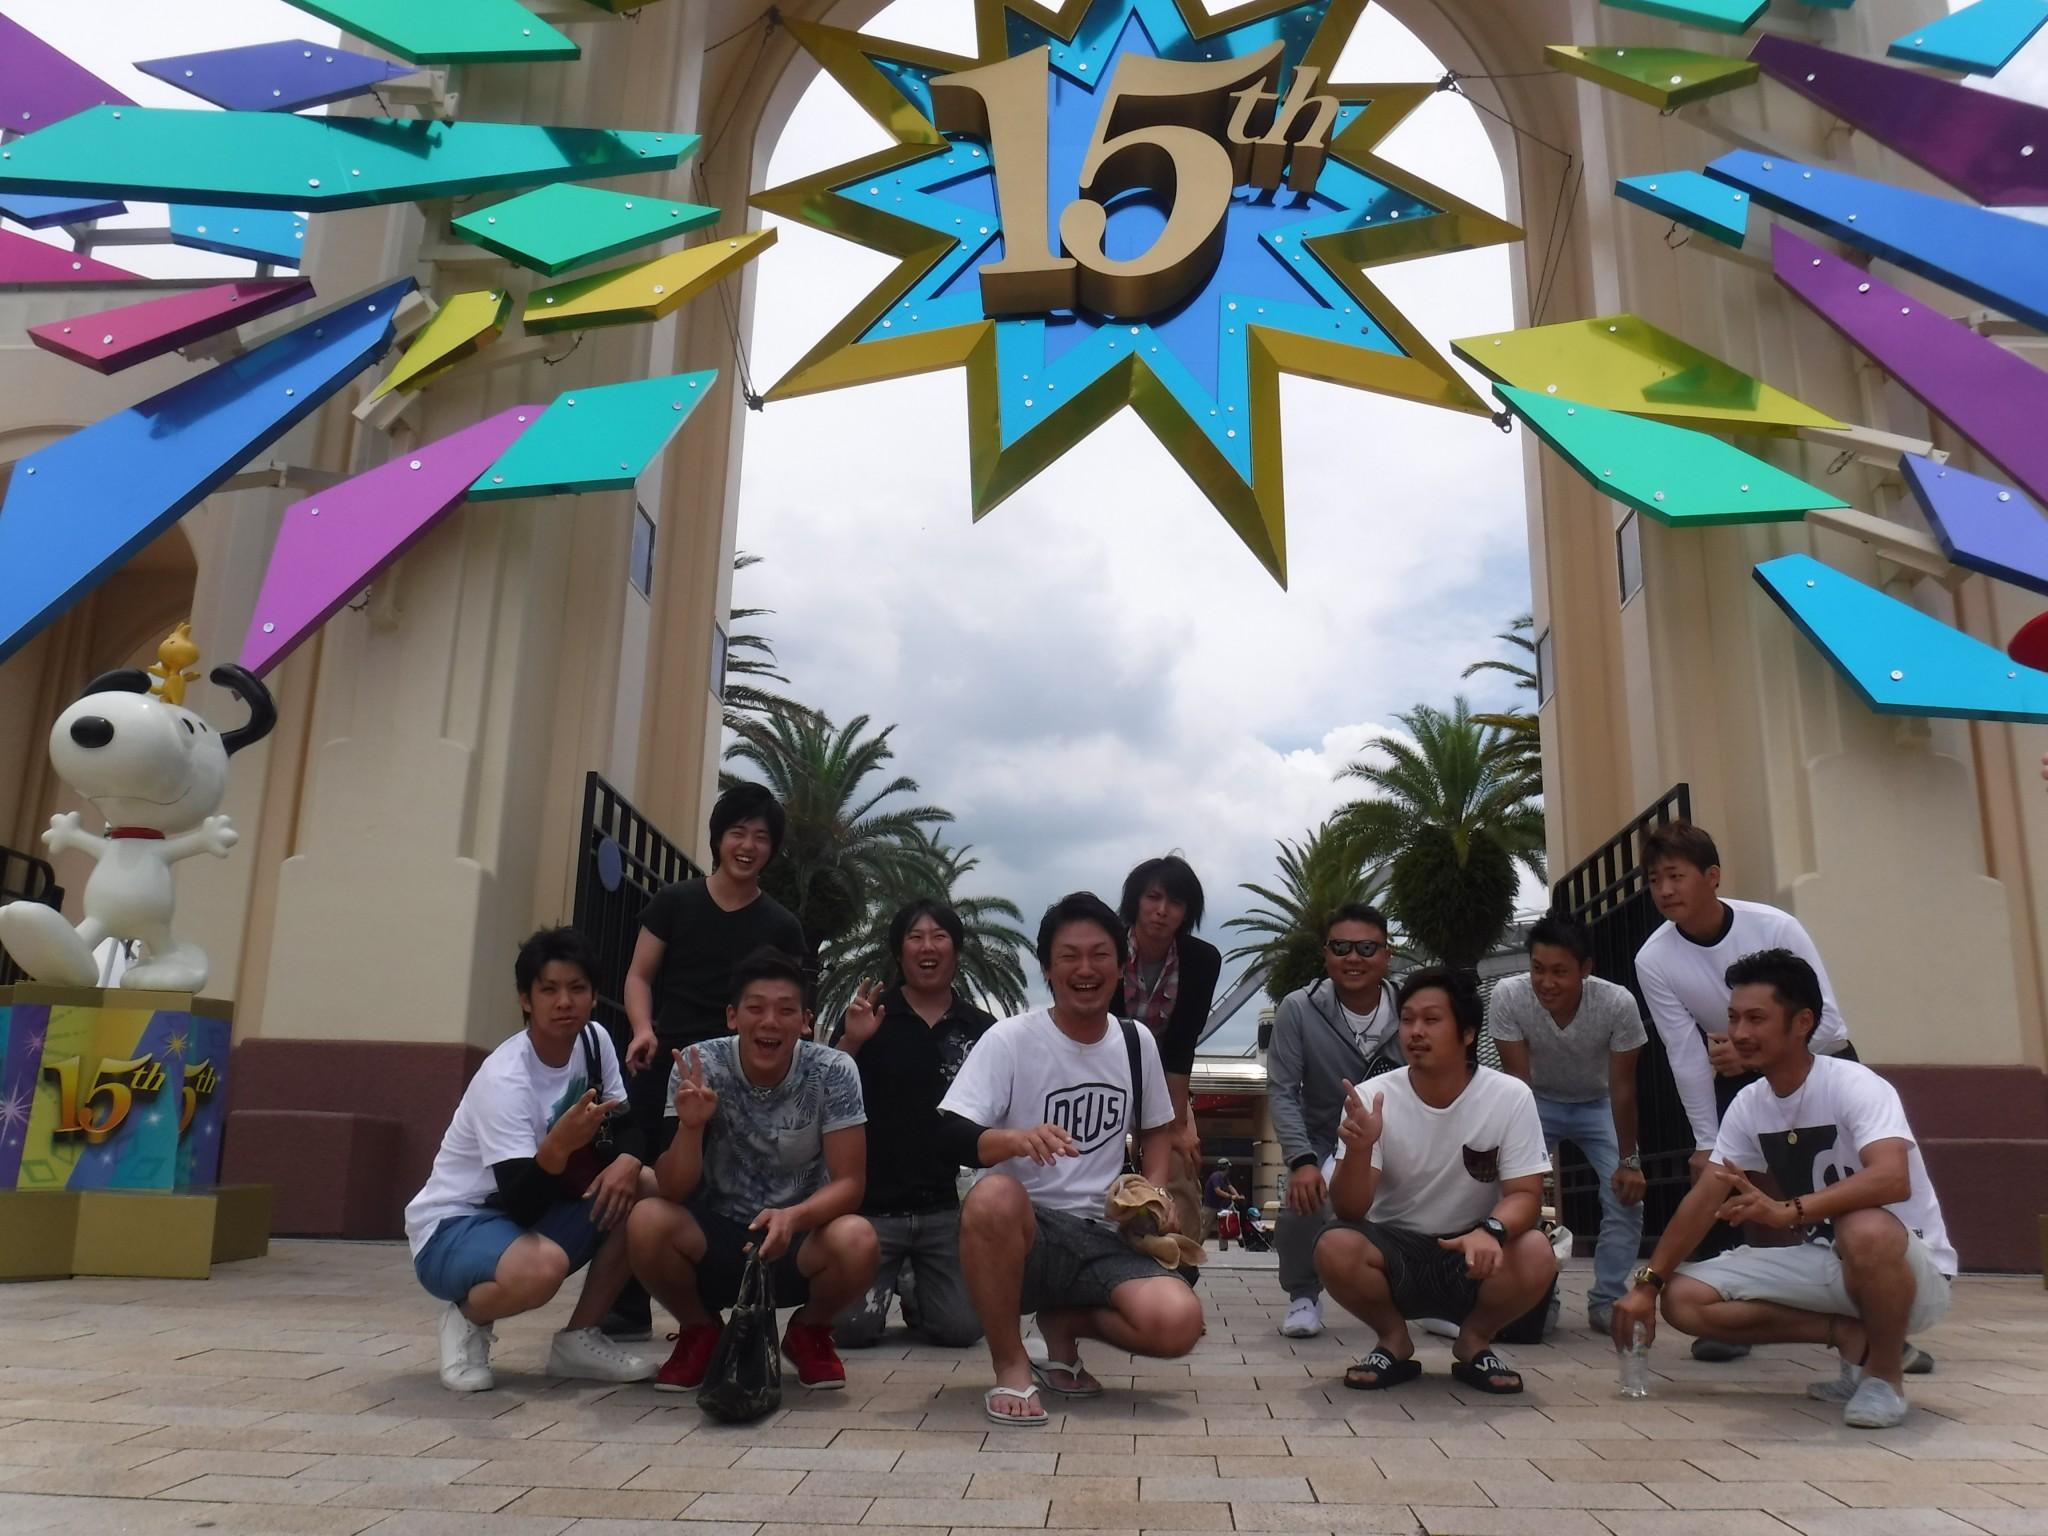 DSCF1611